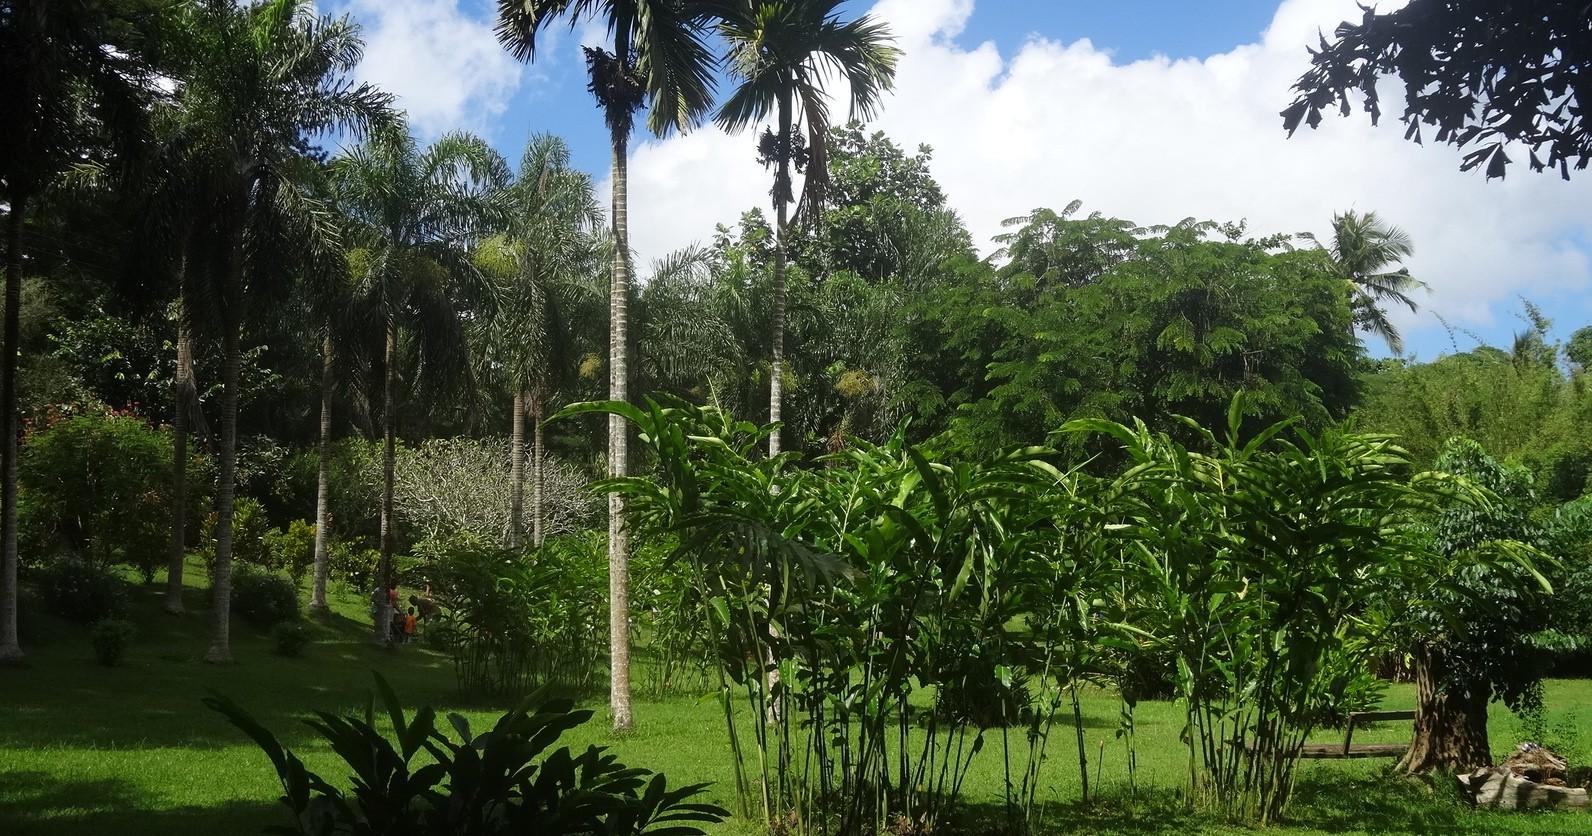 Le jardin botanique de coconi poussin voyageur for Le jardin voyageur